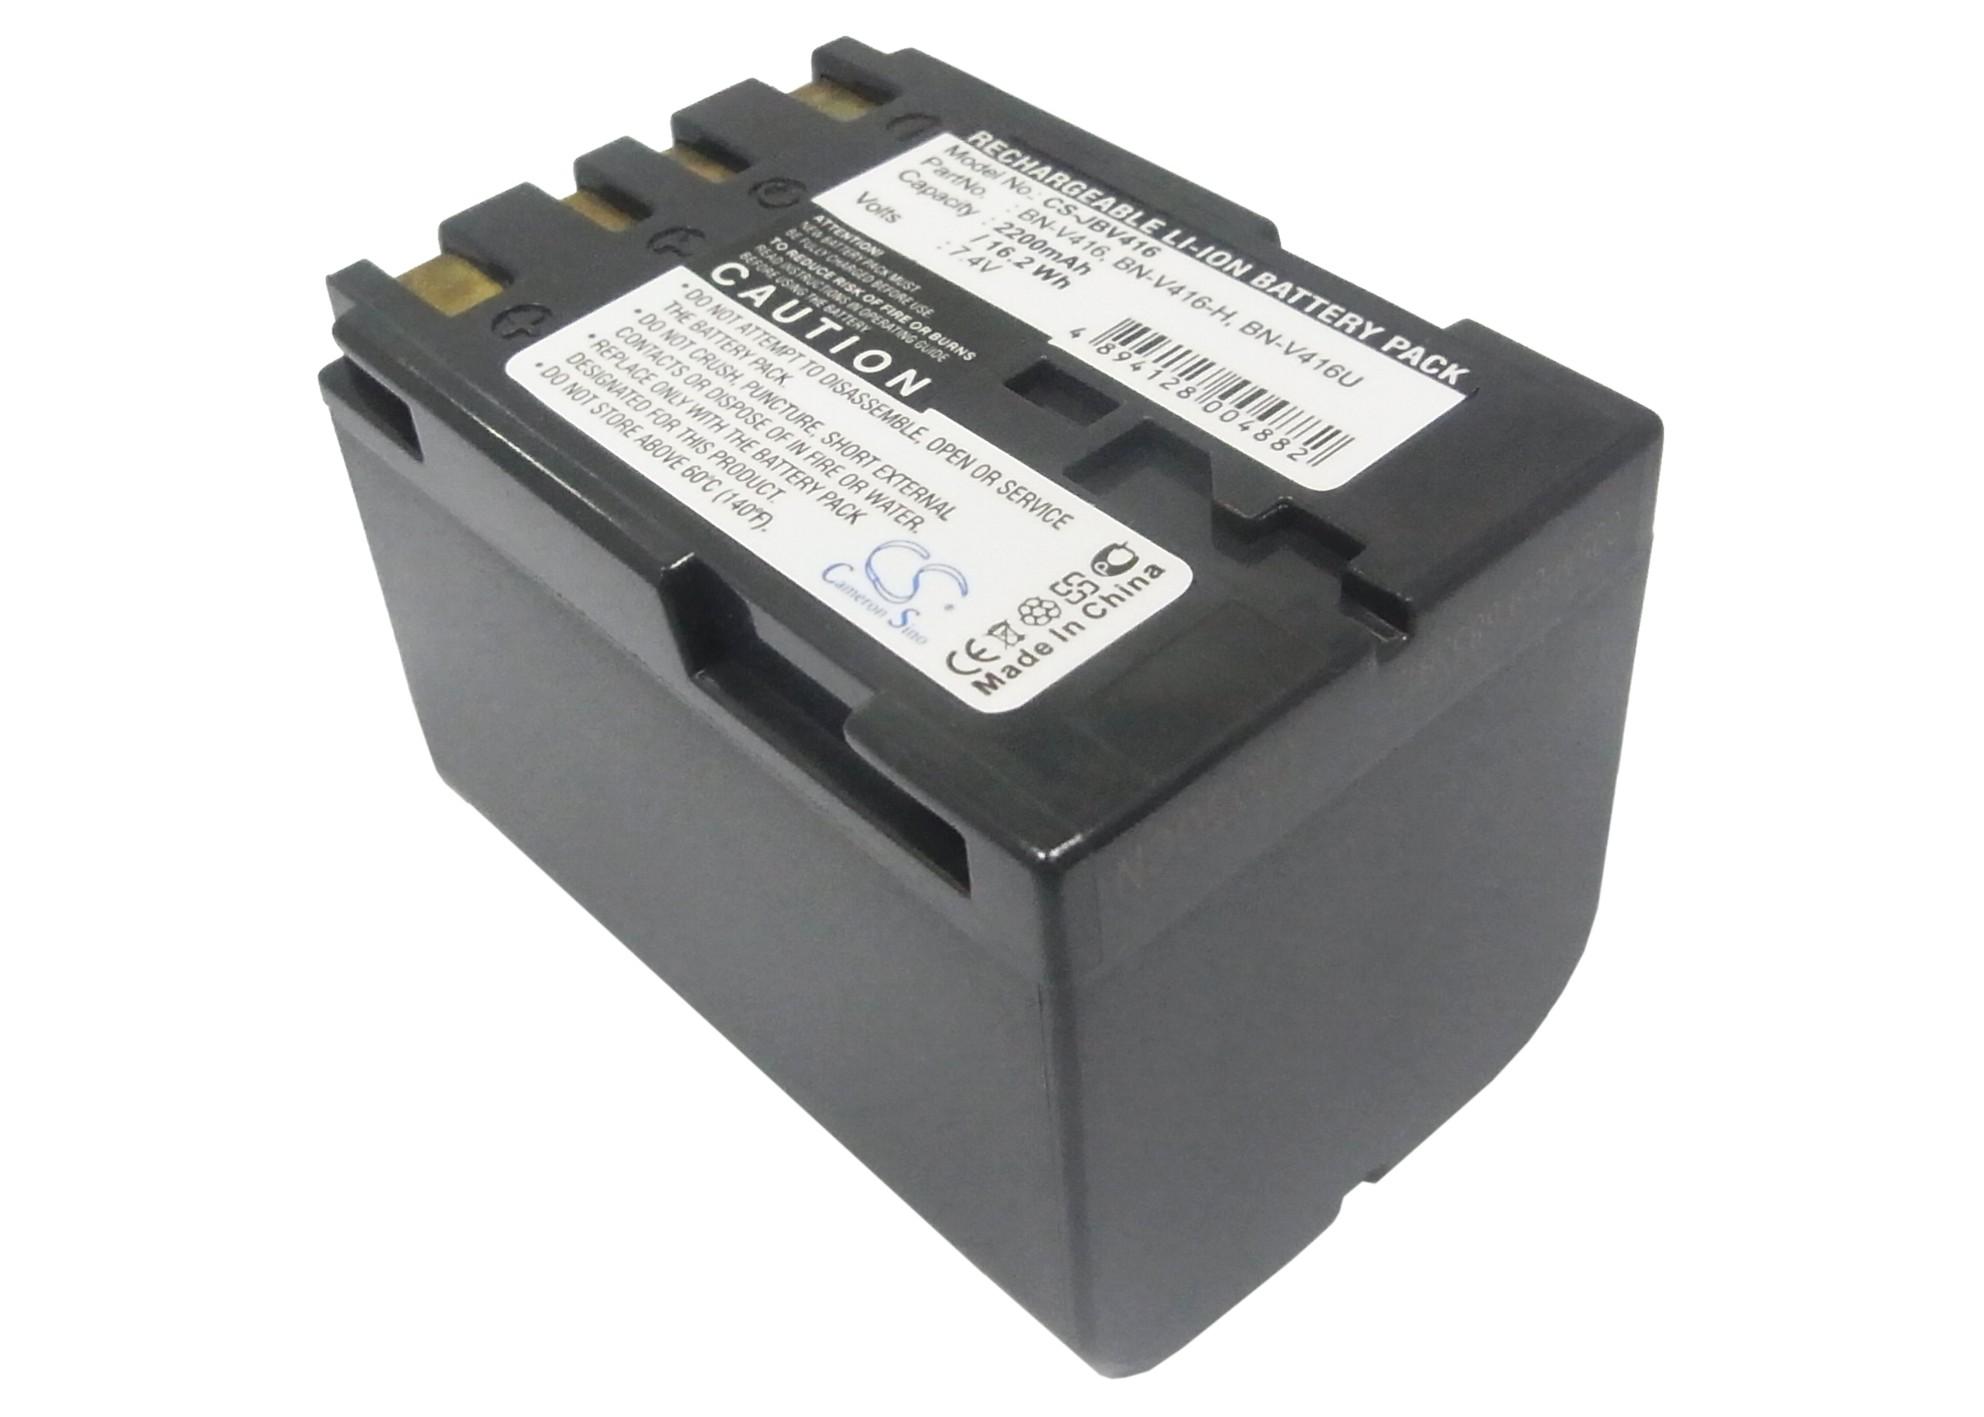 Cameron Sino baterie do kamer a fotoaparátů pro JVC GR-D73 7.4V Li-ion 2200mAh tmavě šedá - neoriginální